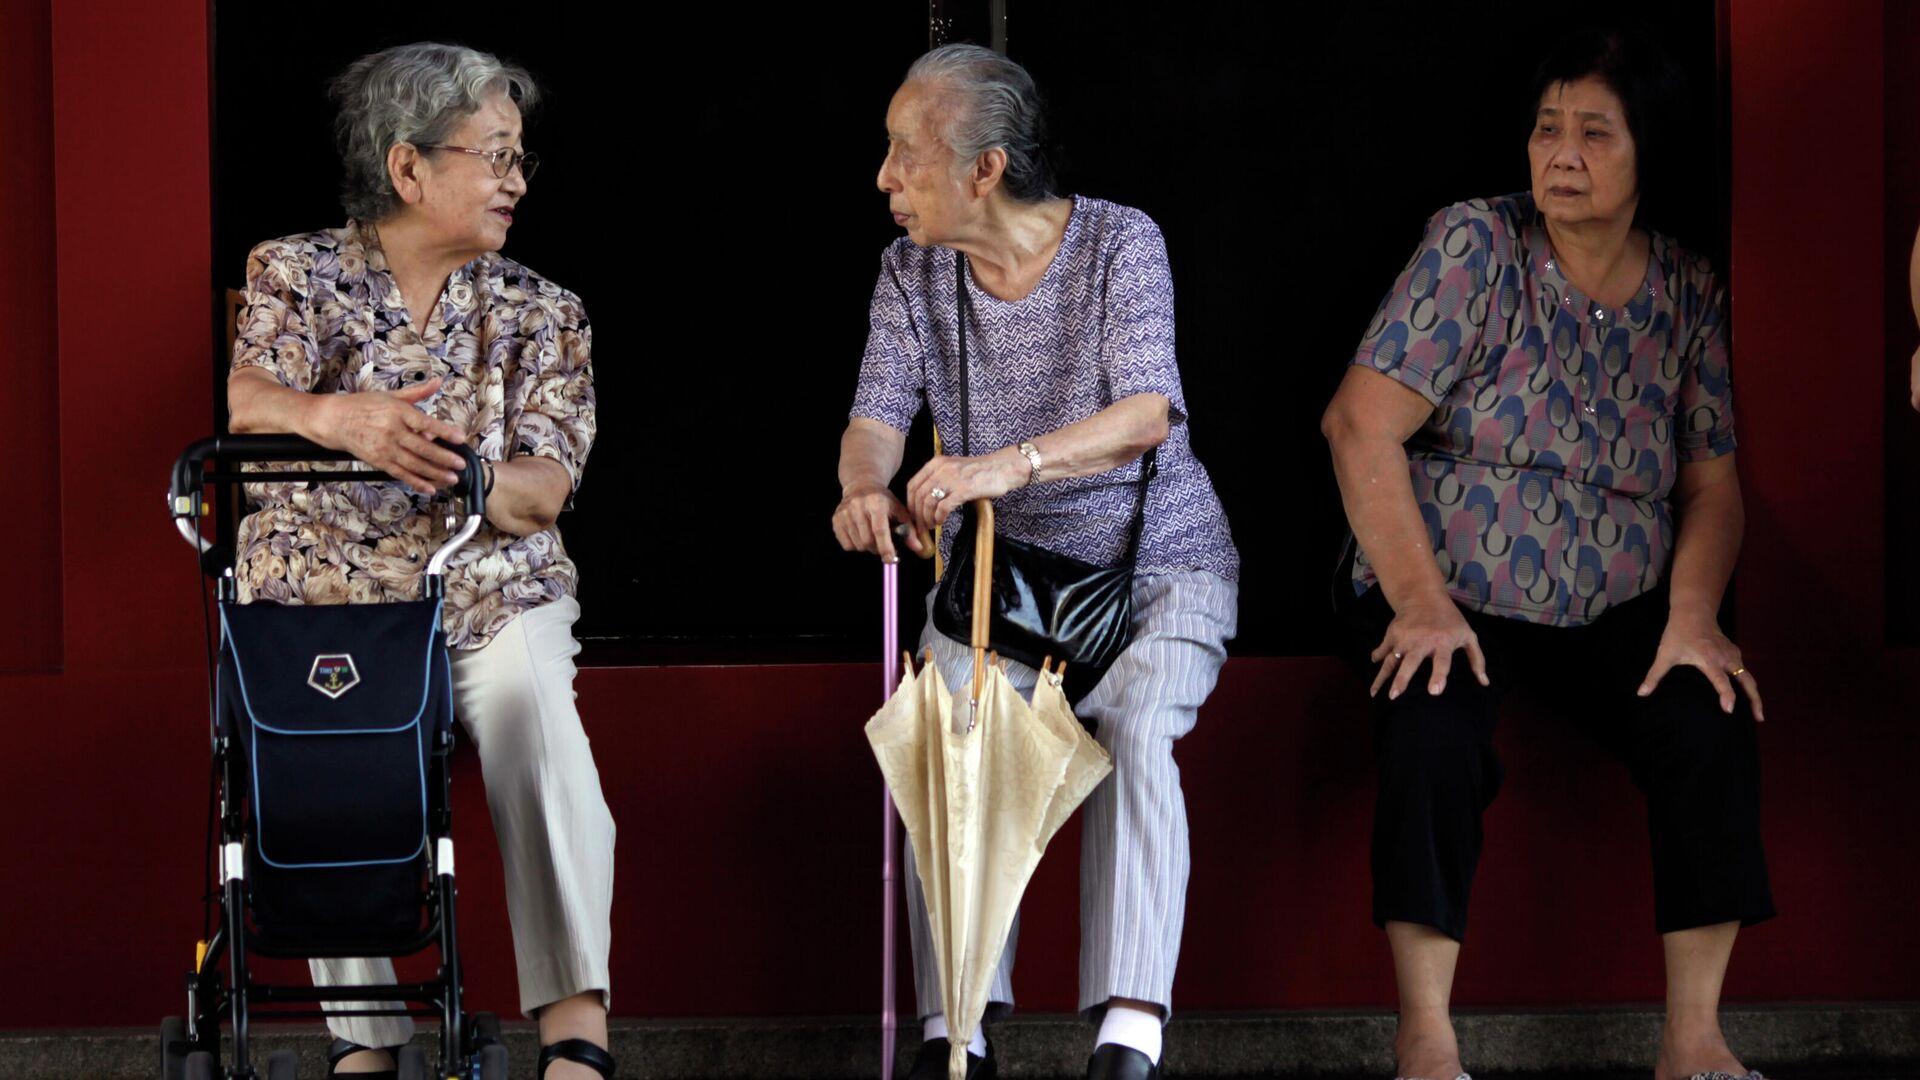 Пожилые люди на улице Токио, Япония - РИА Новости, 1920, 20.09.2021